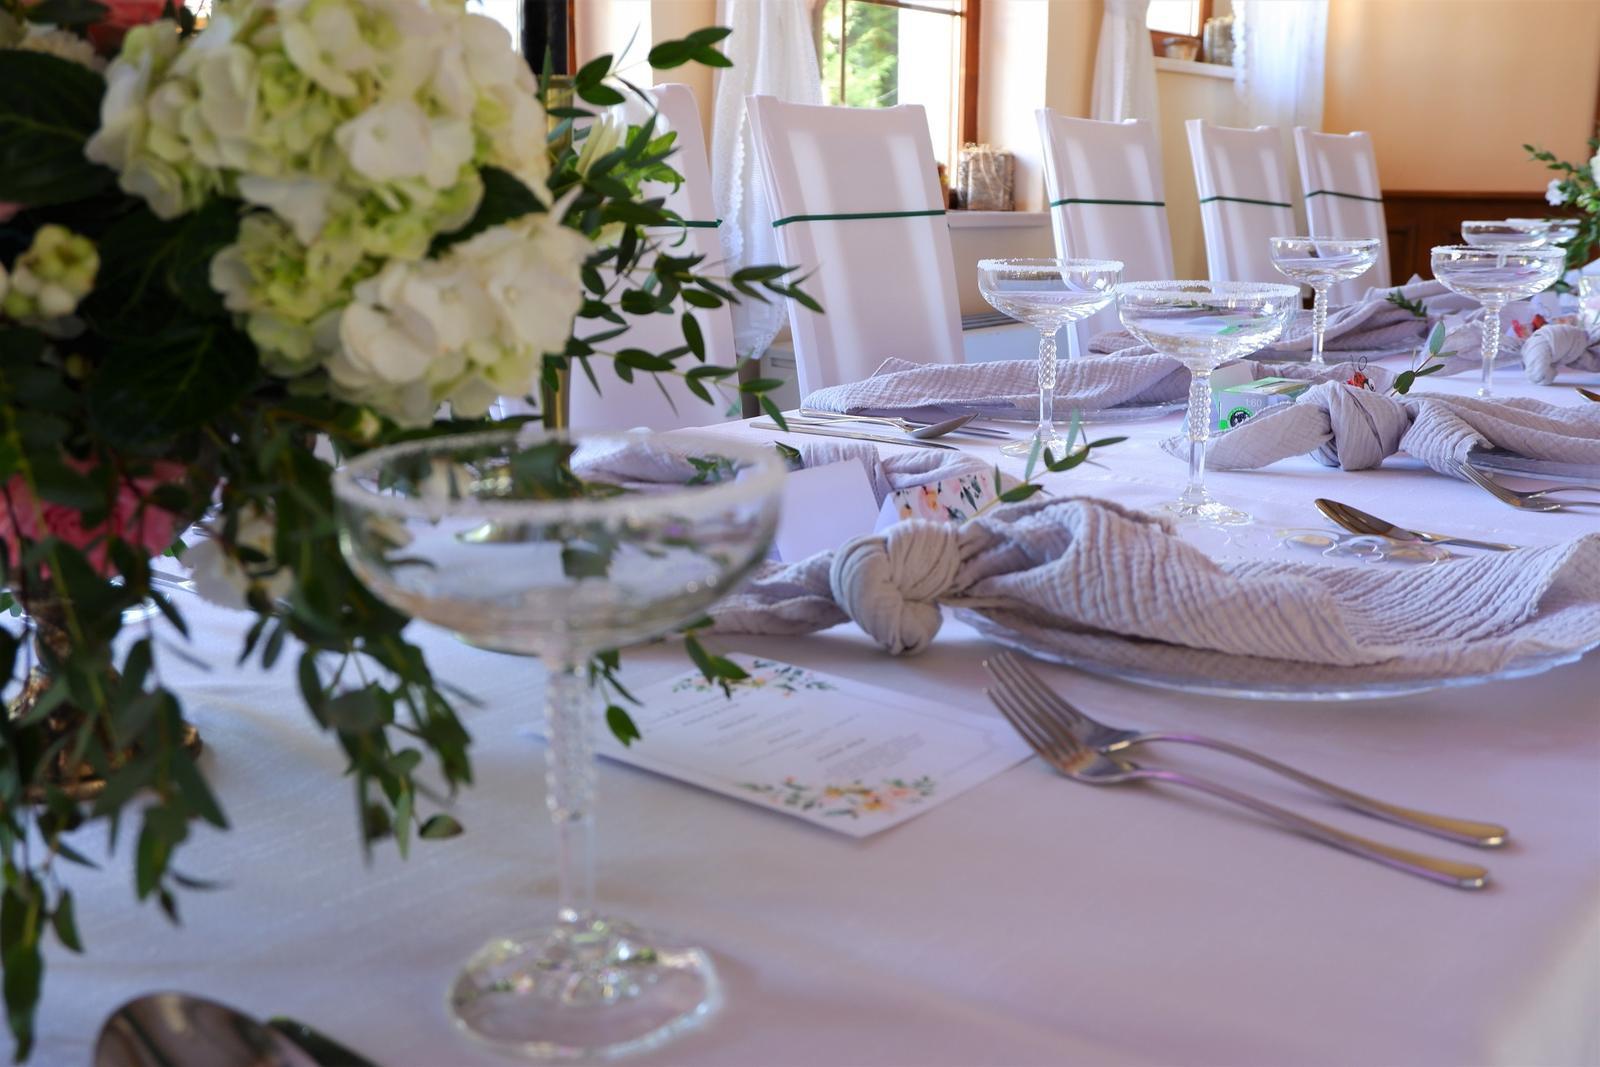 klubové dekoračné taniere - Obrázok č. 1